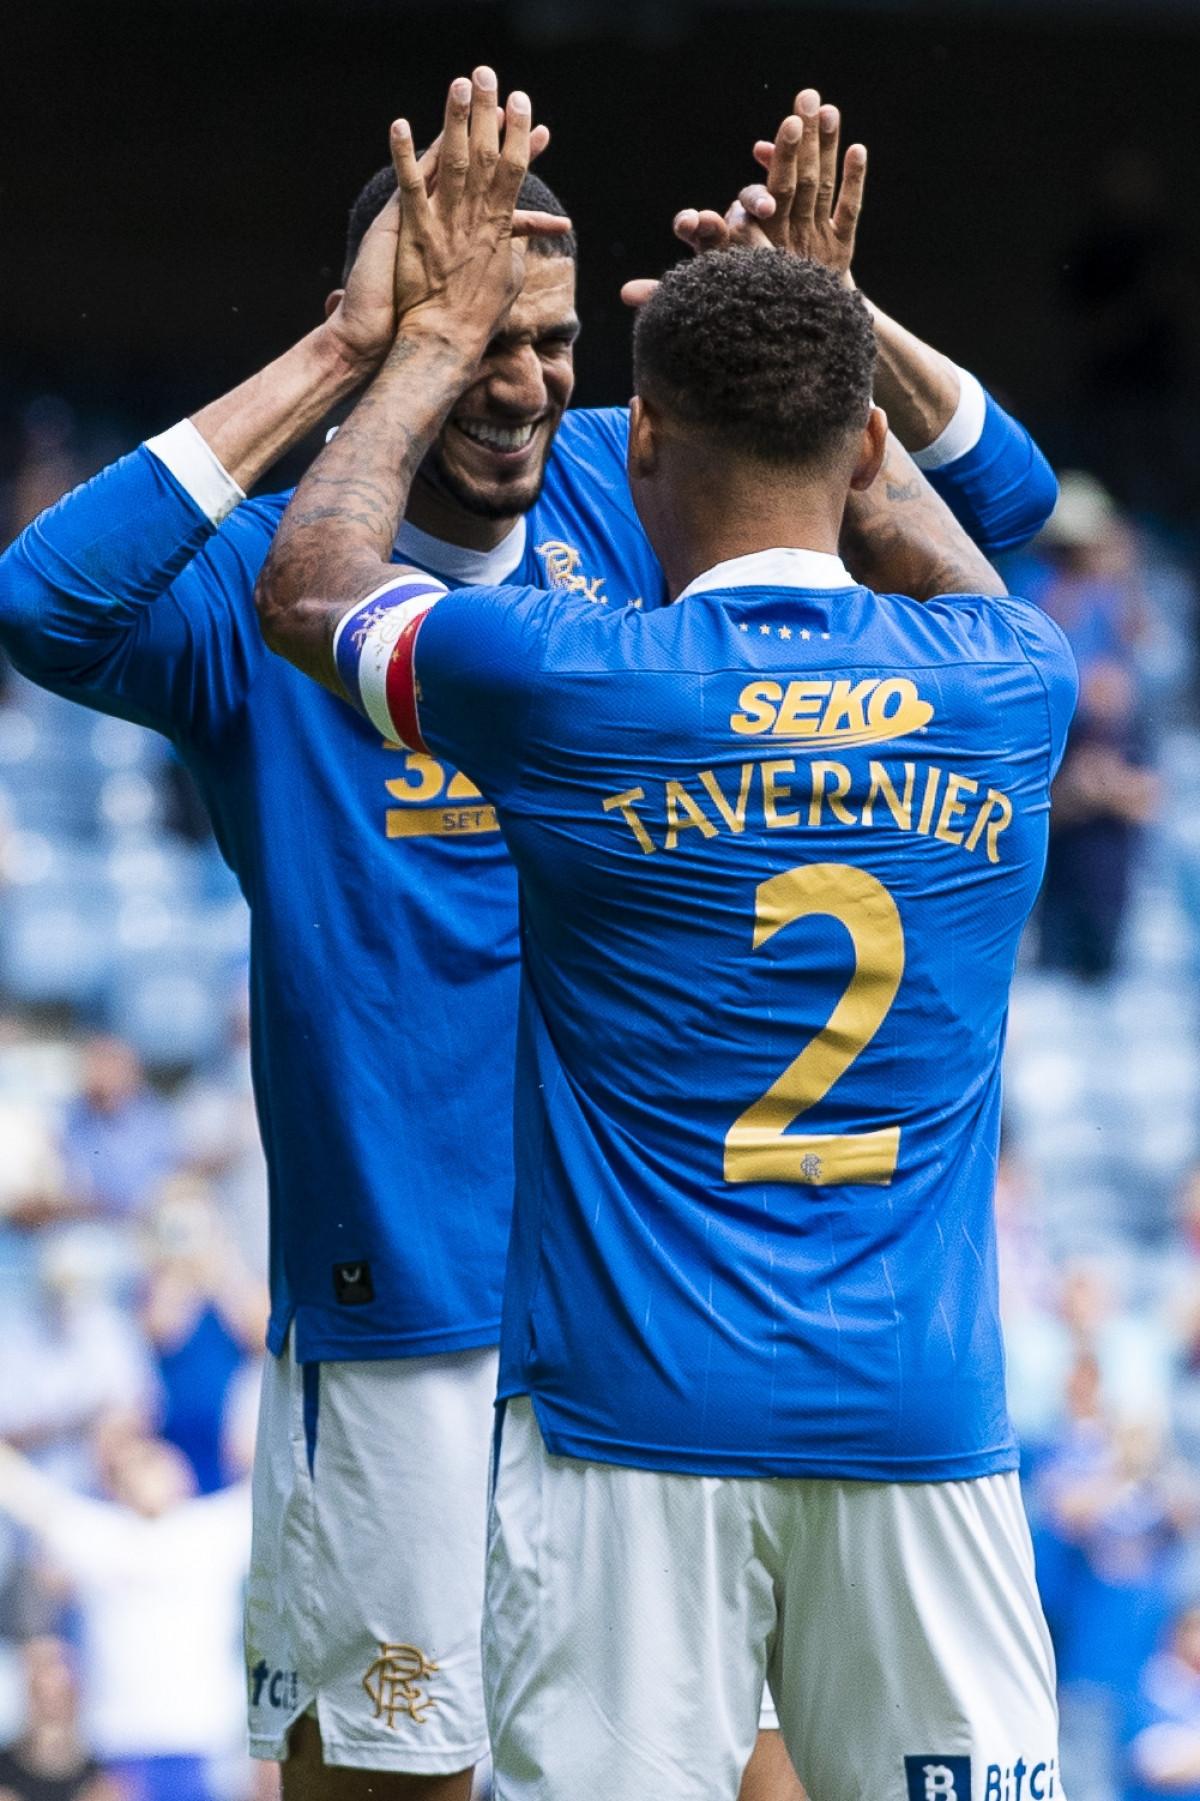 Leon Balogun mở tỷ số cho Rangers sau tình huống phạt góc ở phút 14.